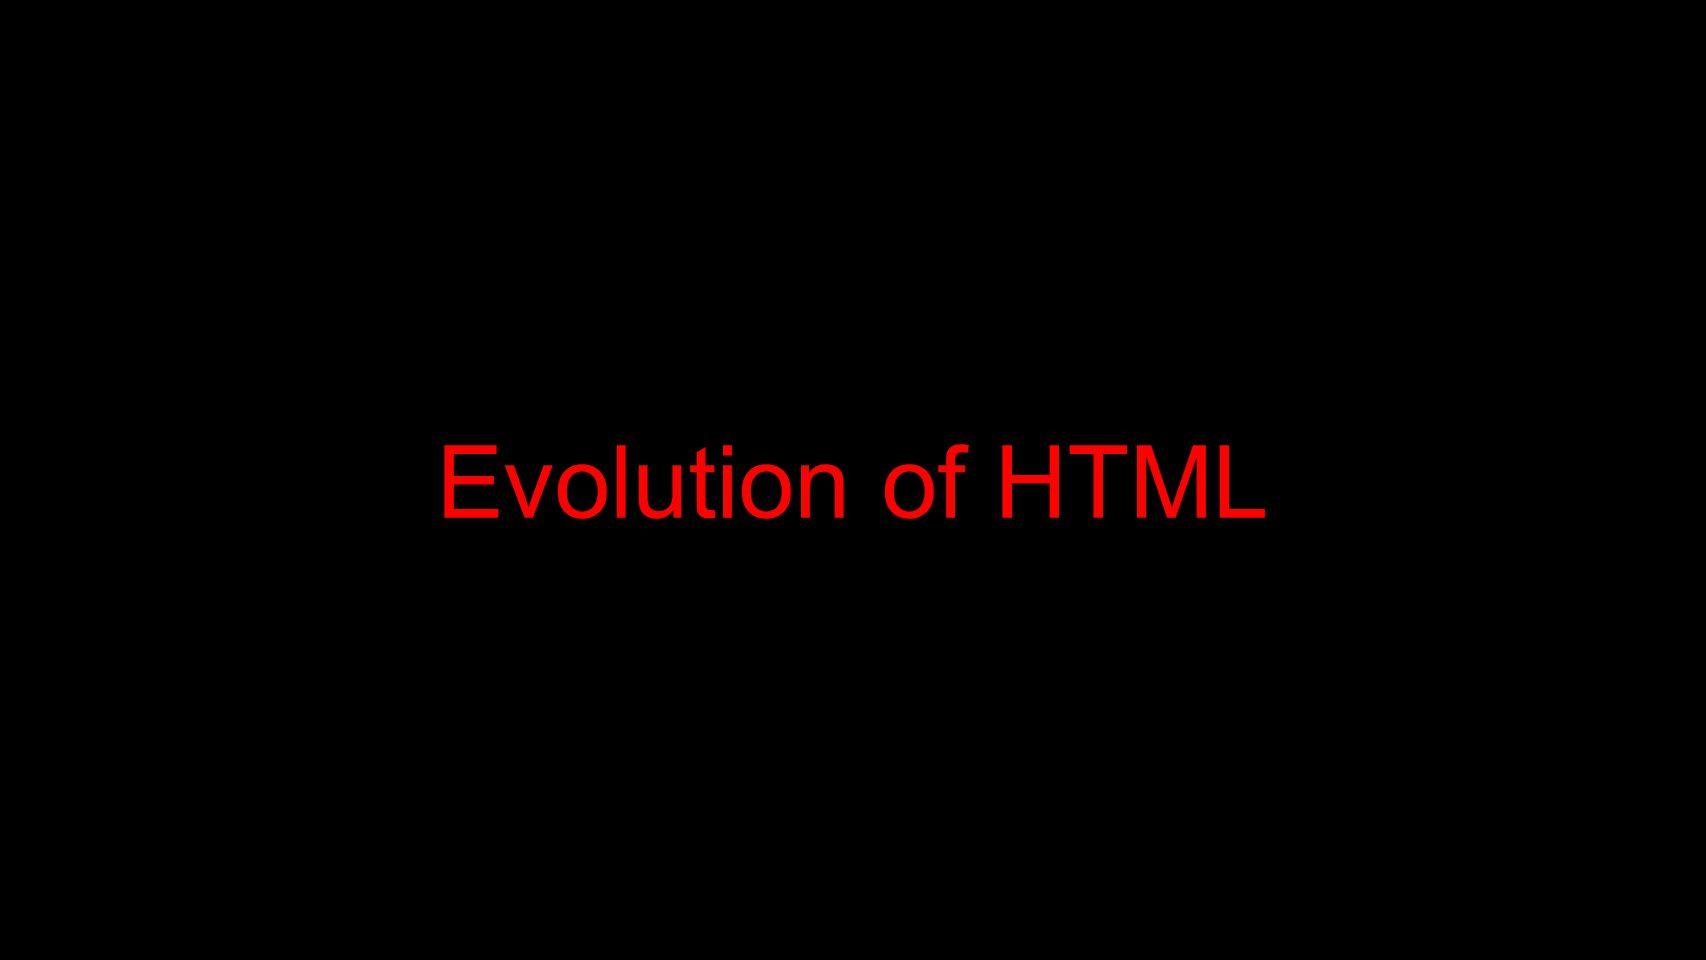 Evolution of HTML